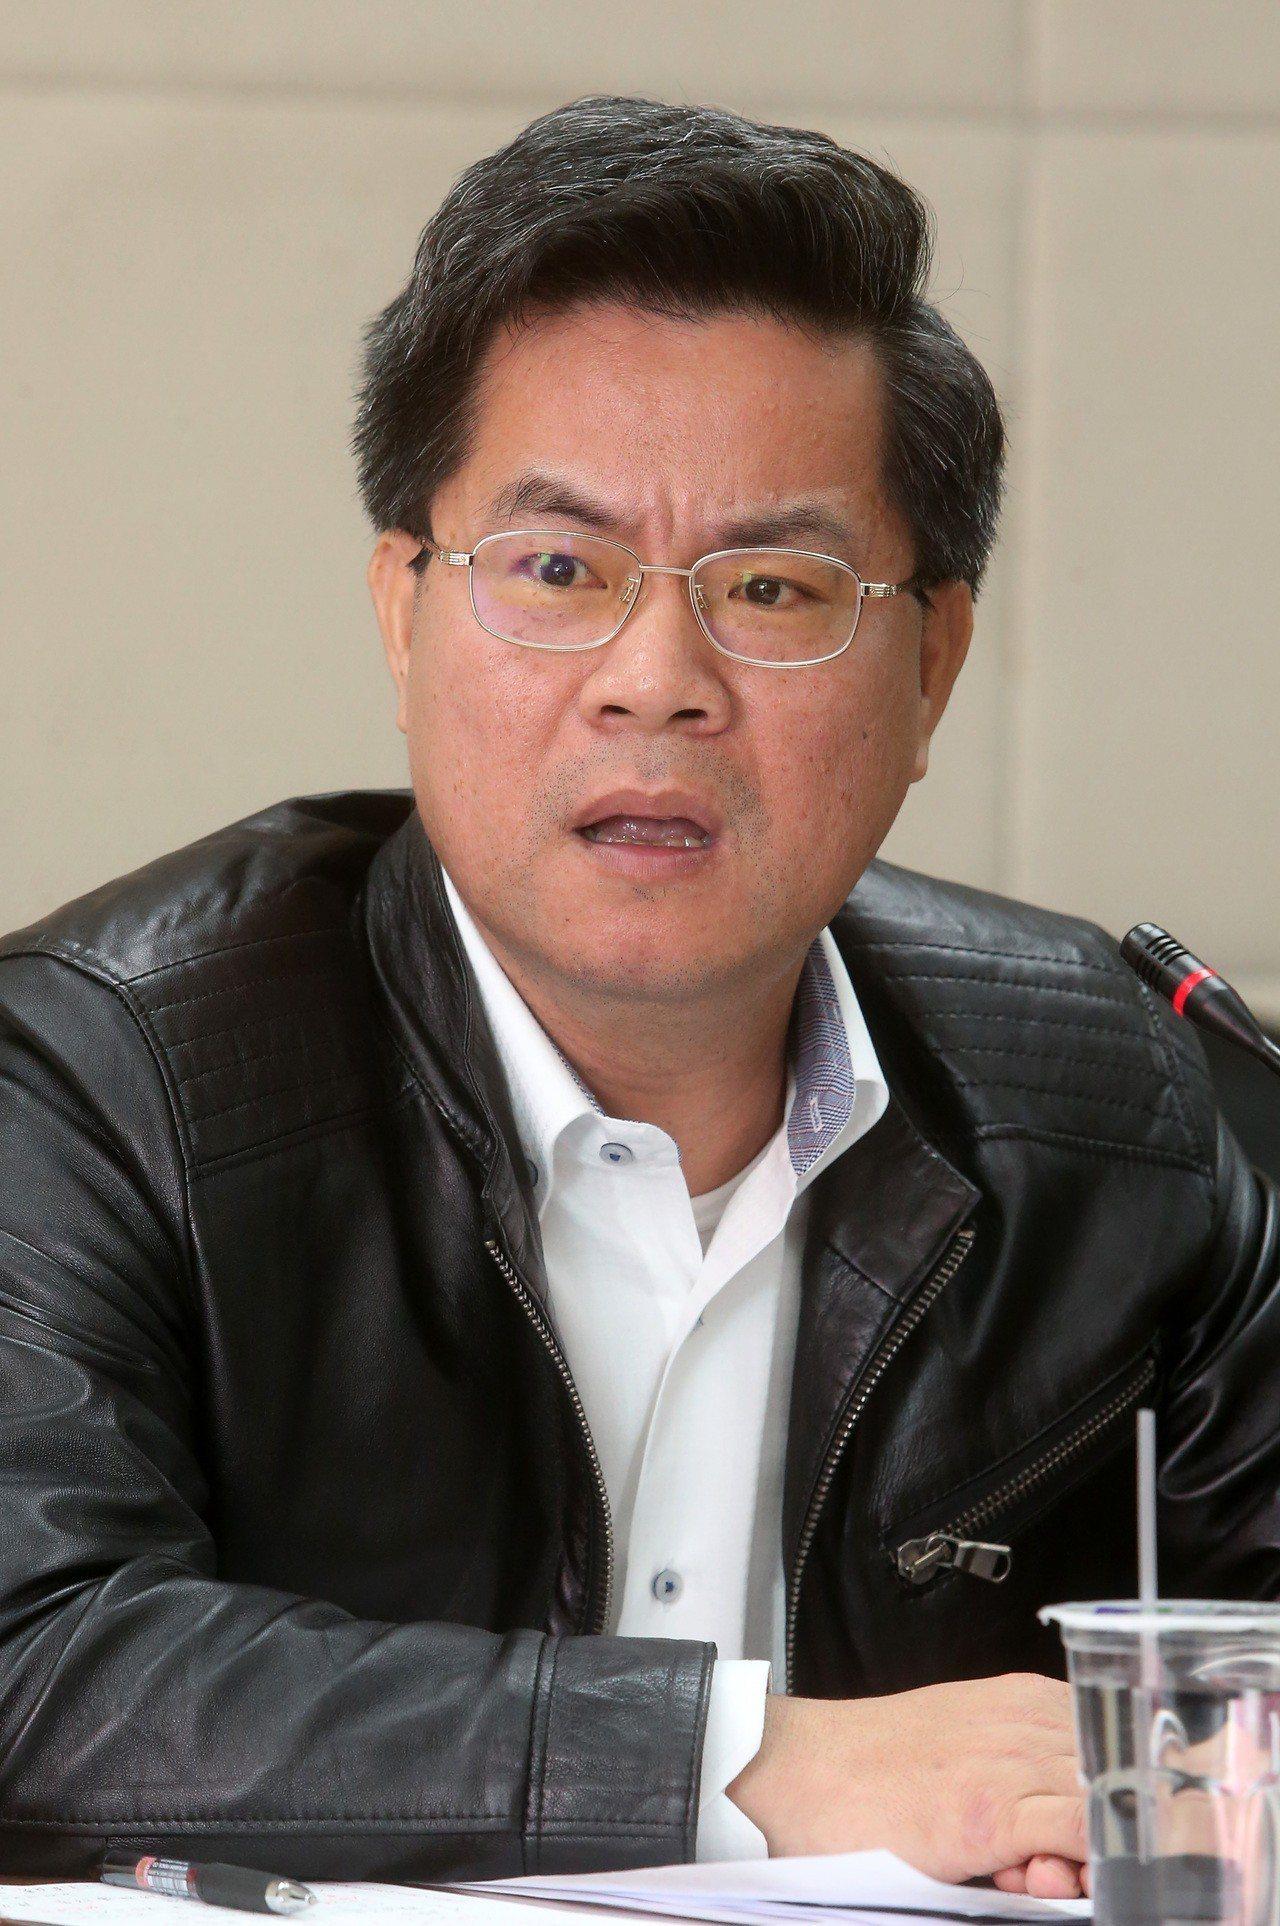 「南農中心」遭爆收購粉專,執行長林國正怒批是假新聞並已提告。本報資料照片